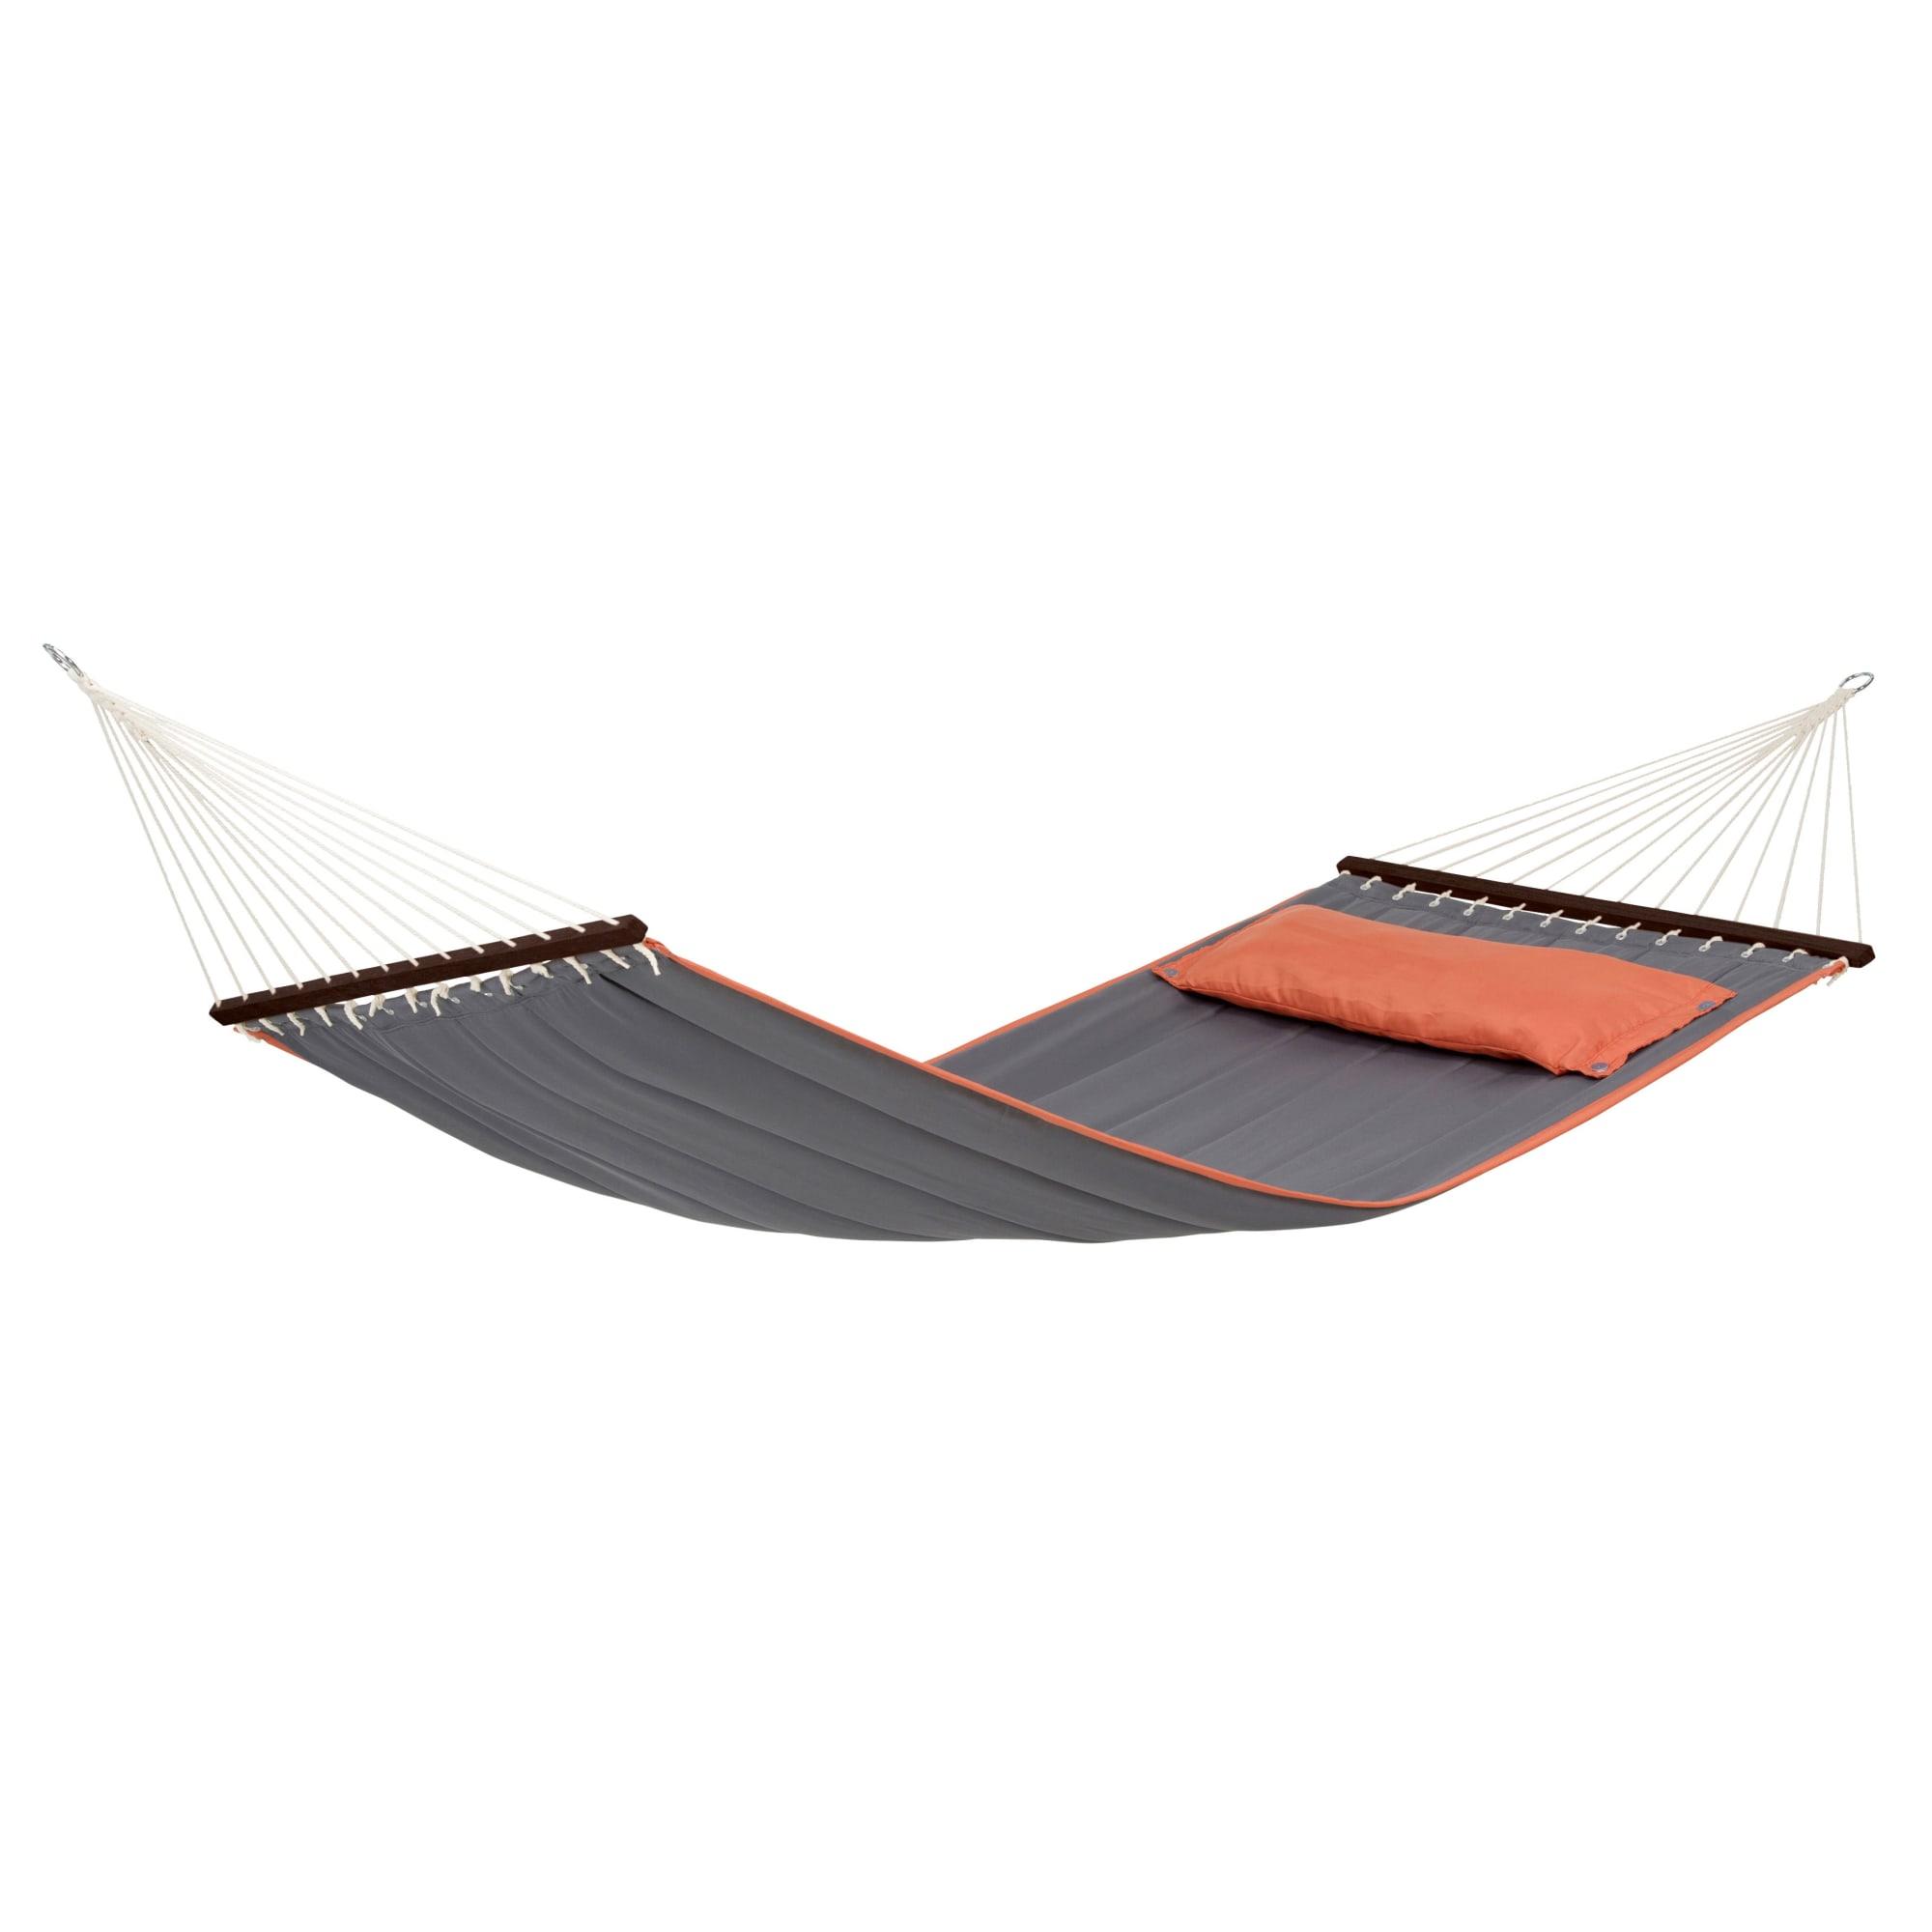 L 200 x B 120 cm - Med tværpinde og pude